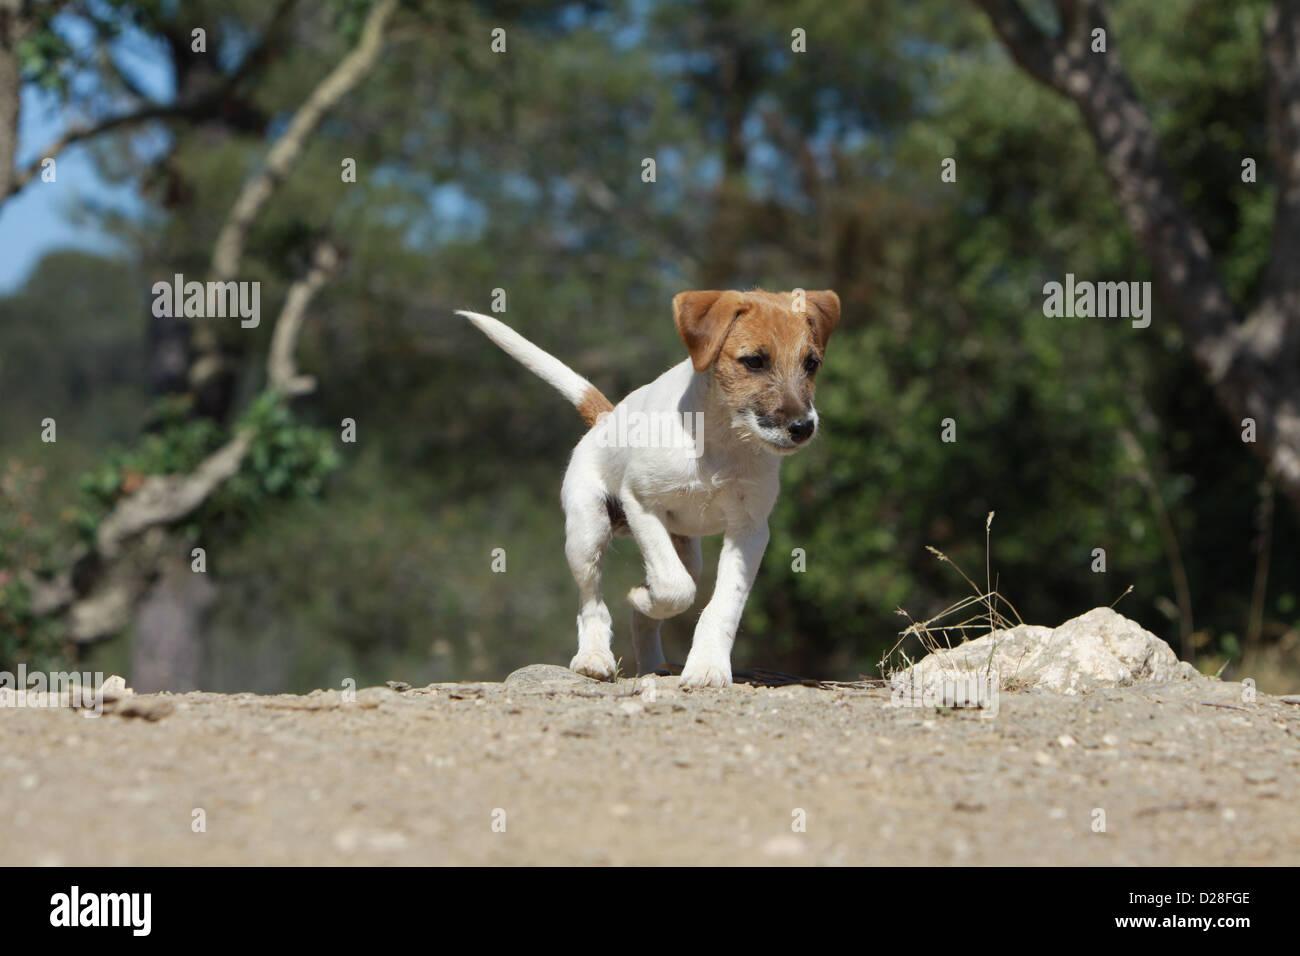 Bild Hundepfote